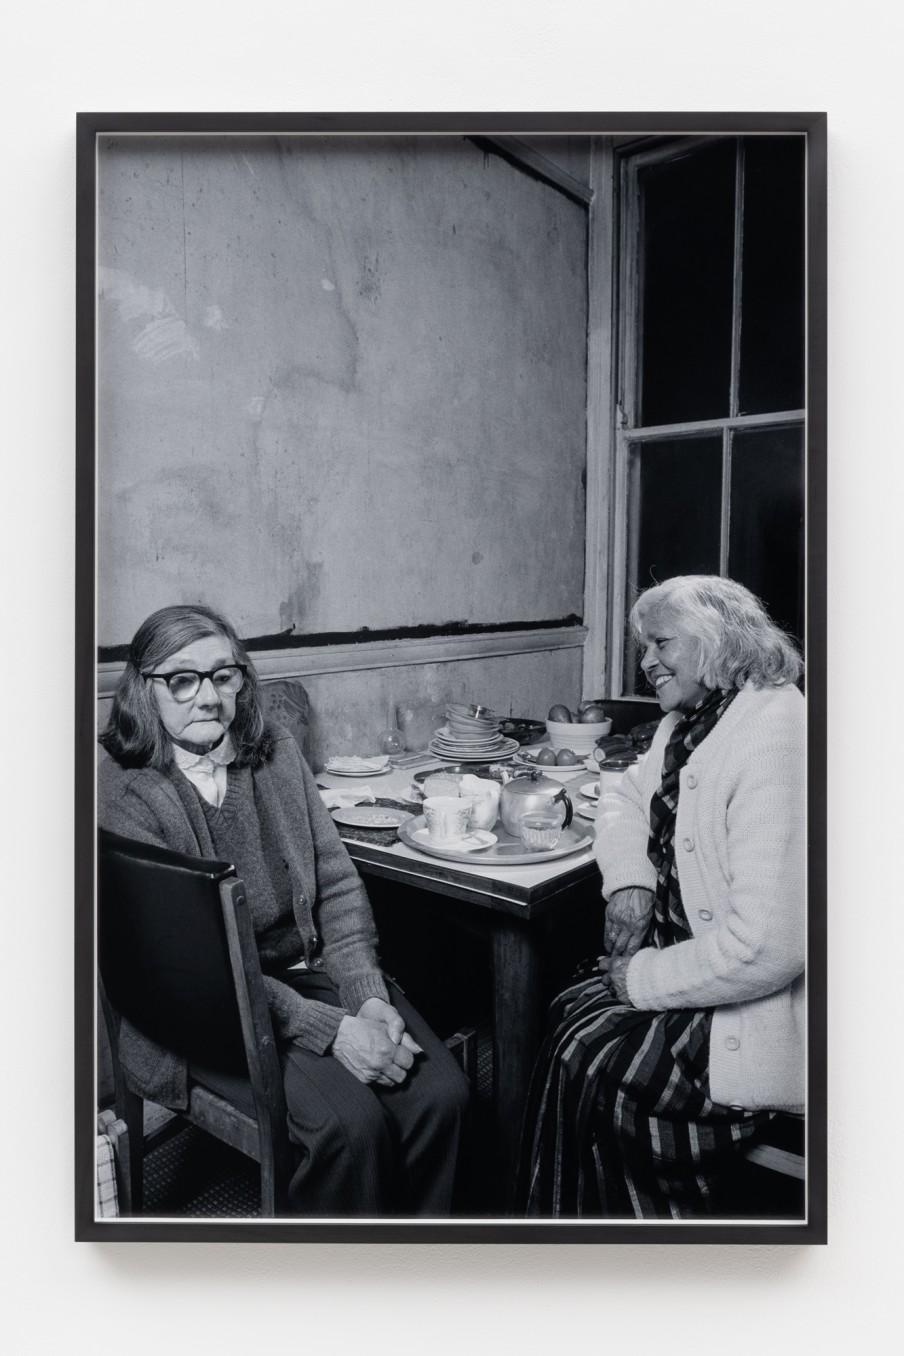 Sunil Gupta Elderly, 1986/2021 Archival inkjet print Print: 90.9 x 59.5 cm 35 3/4 x 23 3/8 in